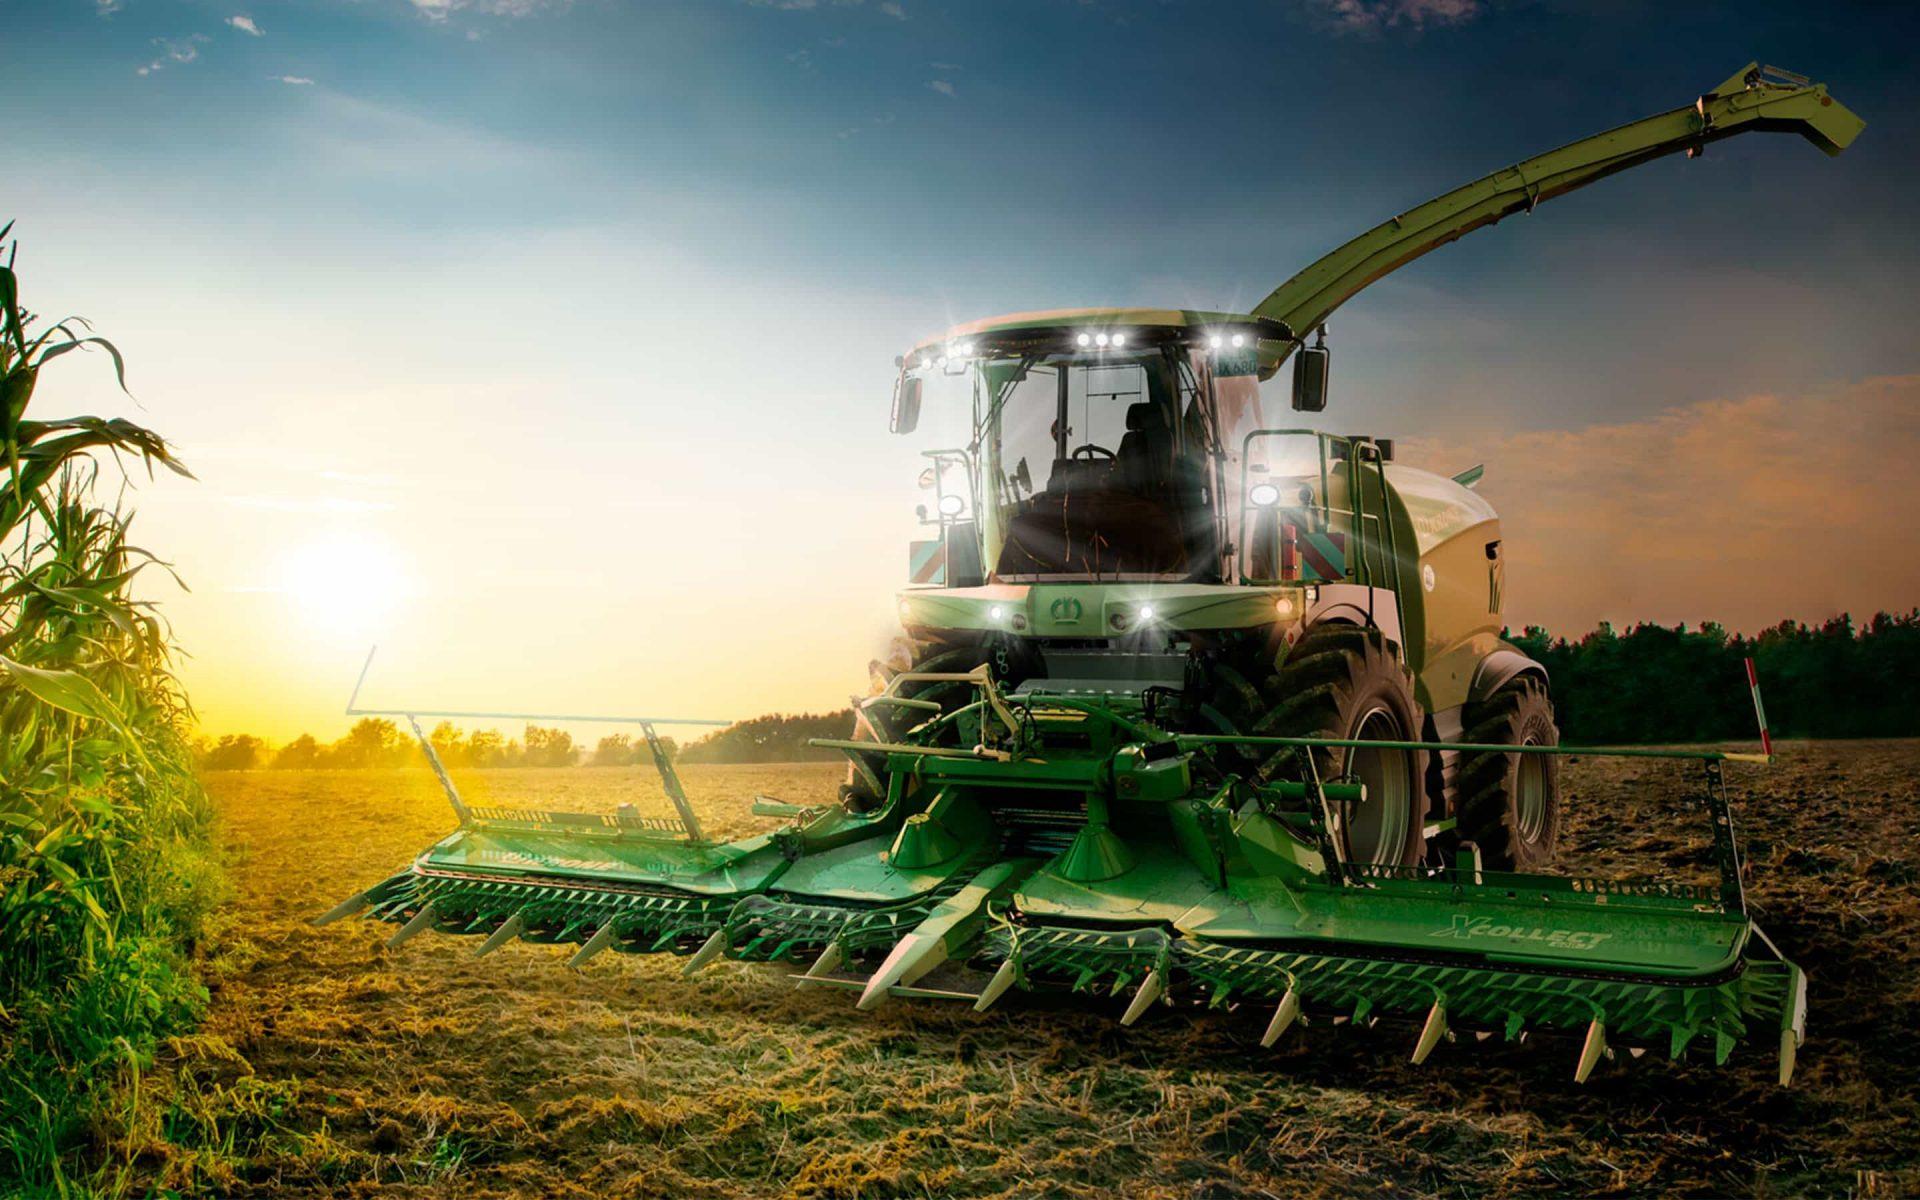 Fotorealistisches Rendering Fahrzeug Landmaschine